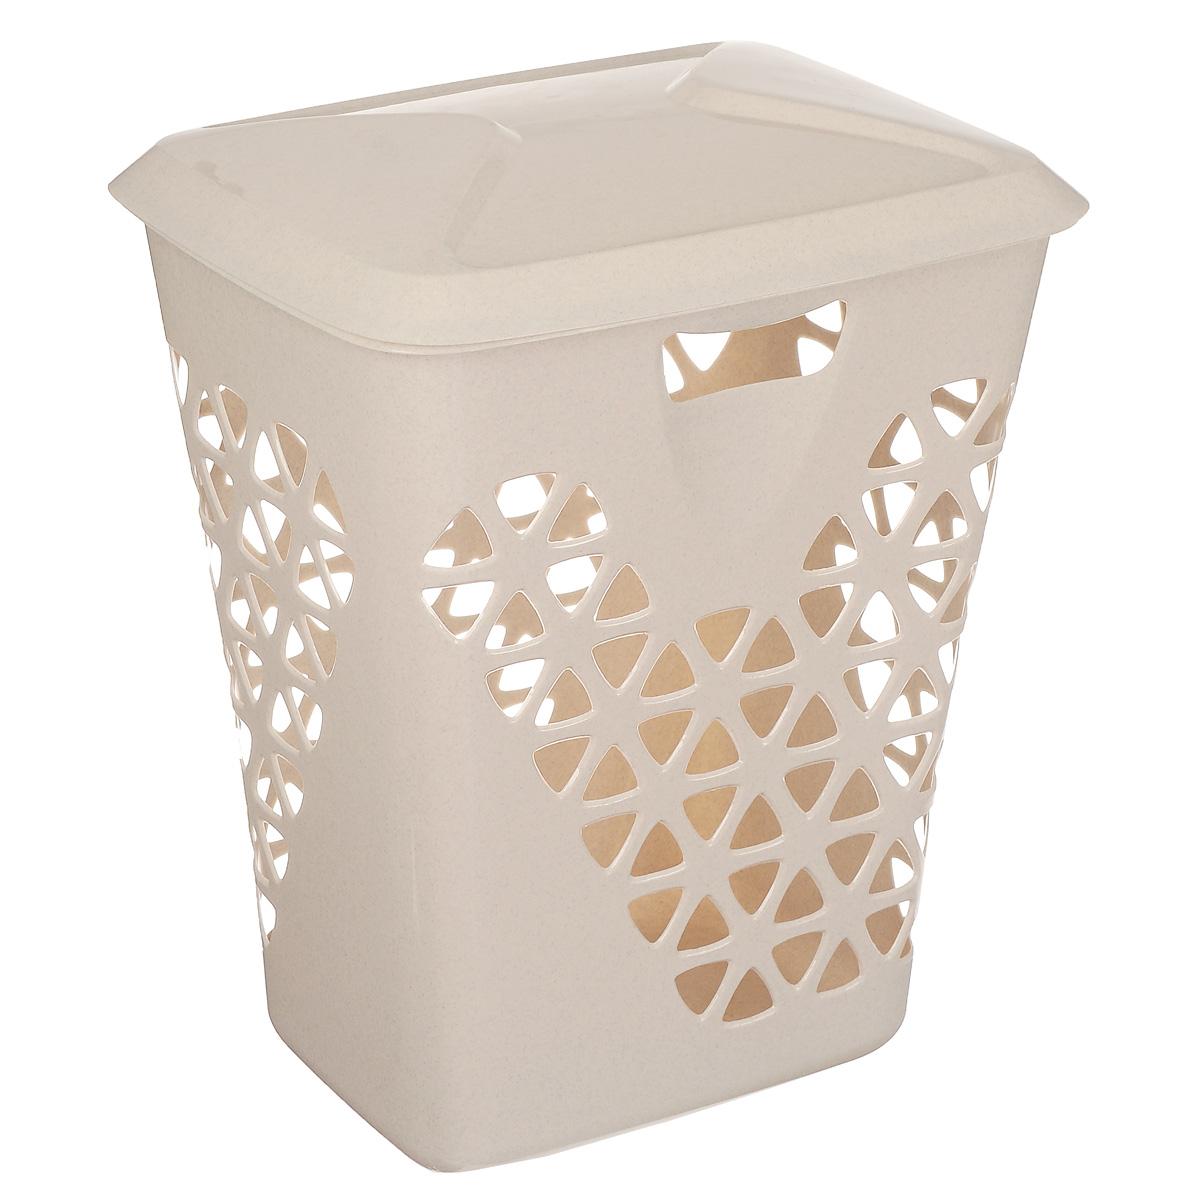 Корзина для белья Idea Венеция, цвет: бежевый мрамор, 60 л корзина для белья idea венеция узкая цвет белый